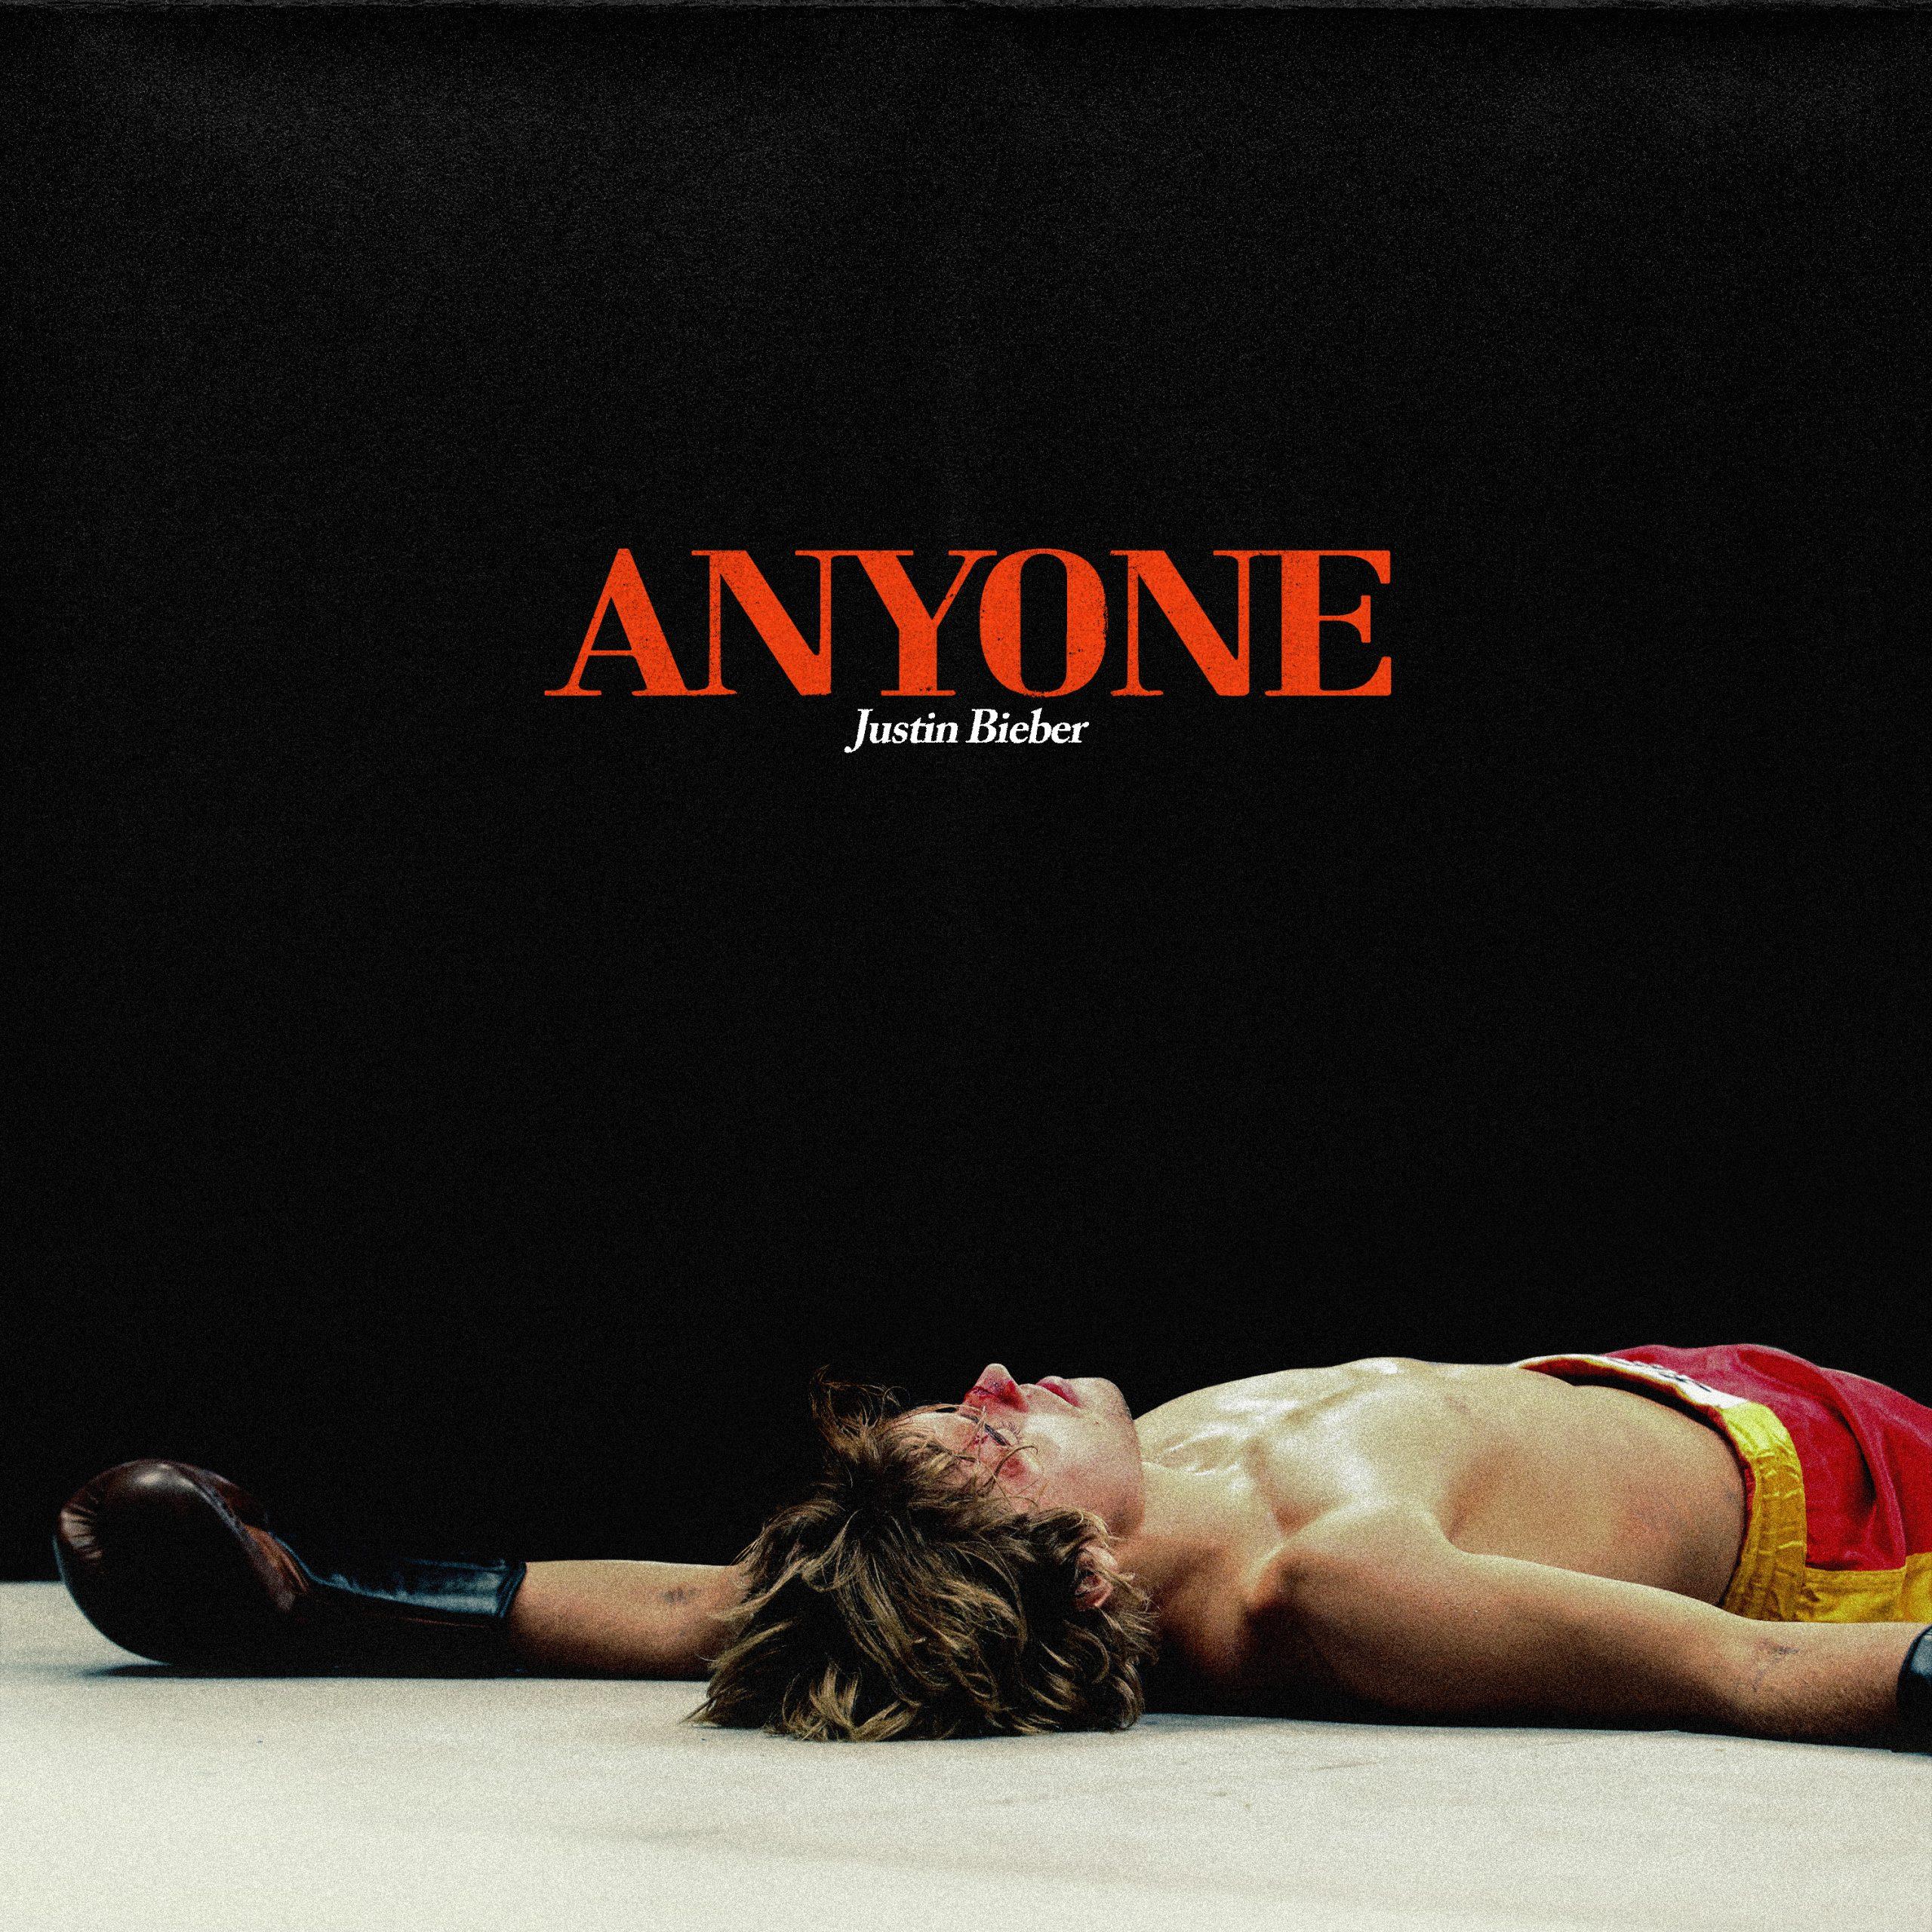 Capa do single Anyone. Justin Bieber, um homem branco e loiro, sem tatuagens, está deitado em um ringue de boxe com luvas marrons e um calção vermelho de faixa amarela. O fundo da imagem é preto, com letras laranjas escrito Anyone.